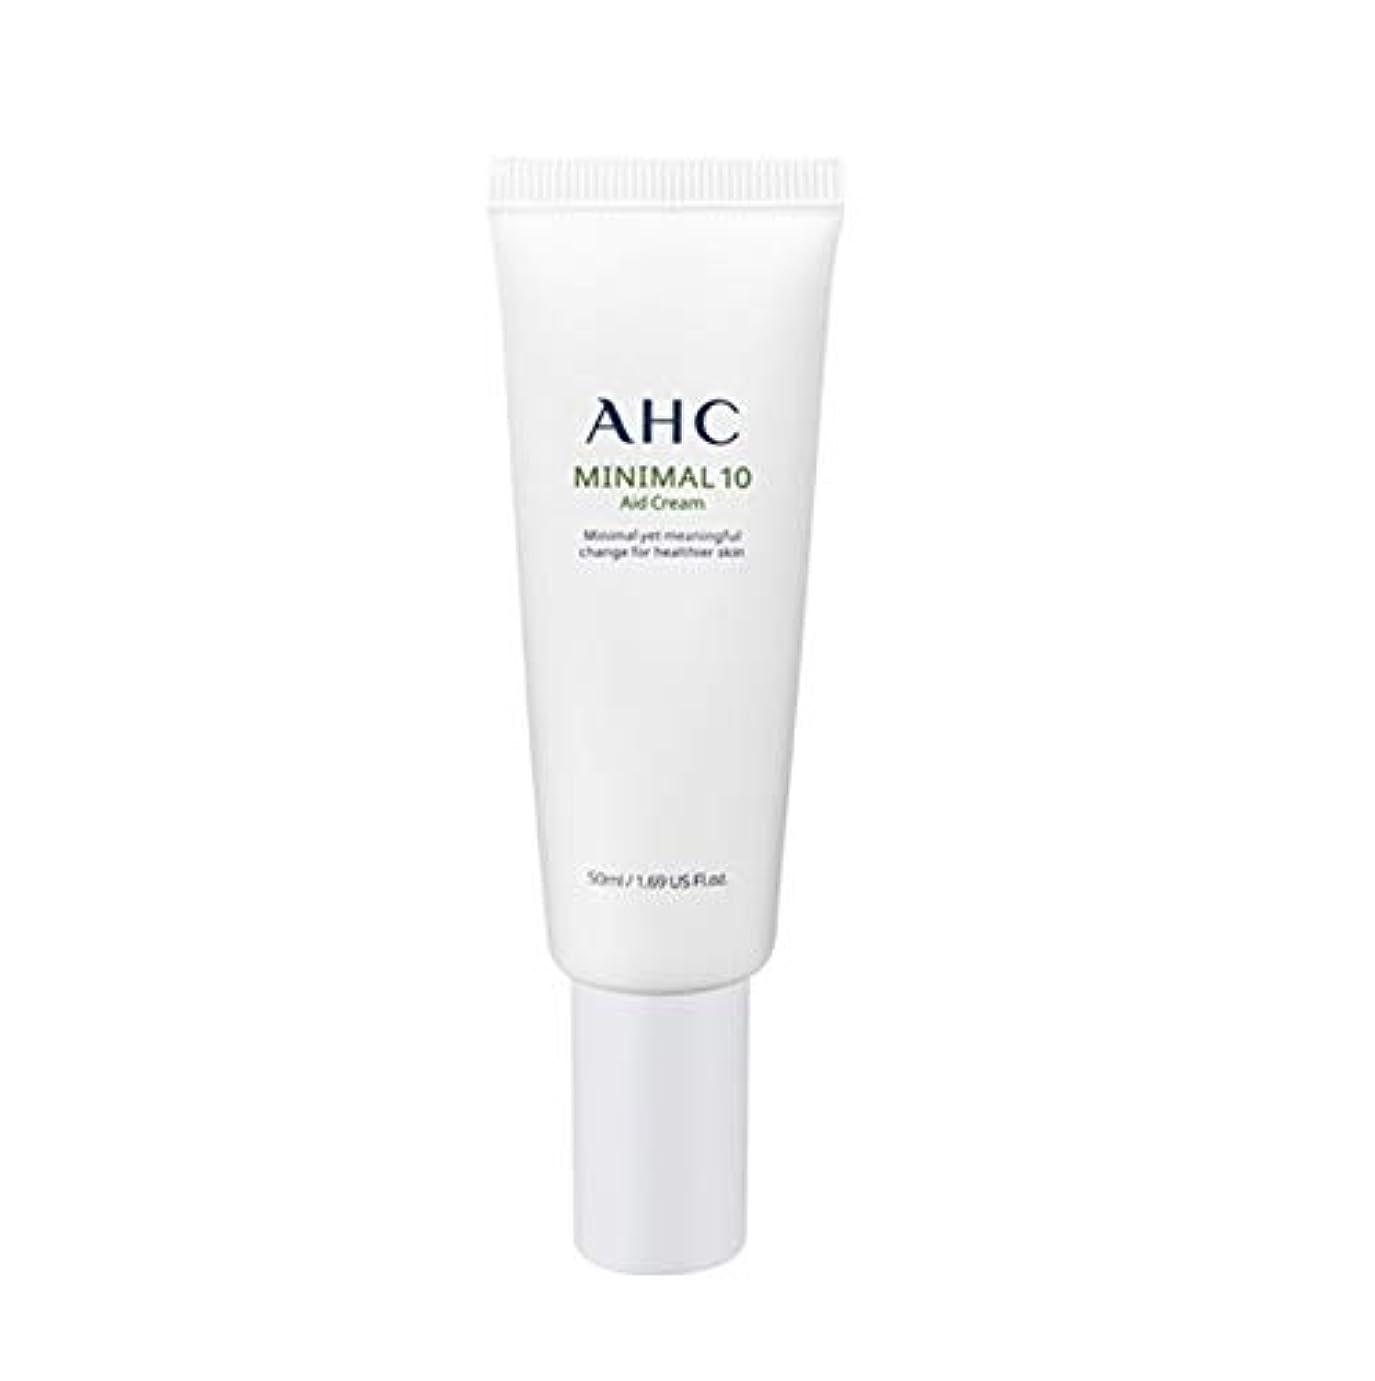 変動するスケッチ敵対的AHC ミニマル10エイドクリーム 50ml / AHC MINIMAL 10 AID CREAM 50ml [並行輸入品]